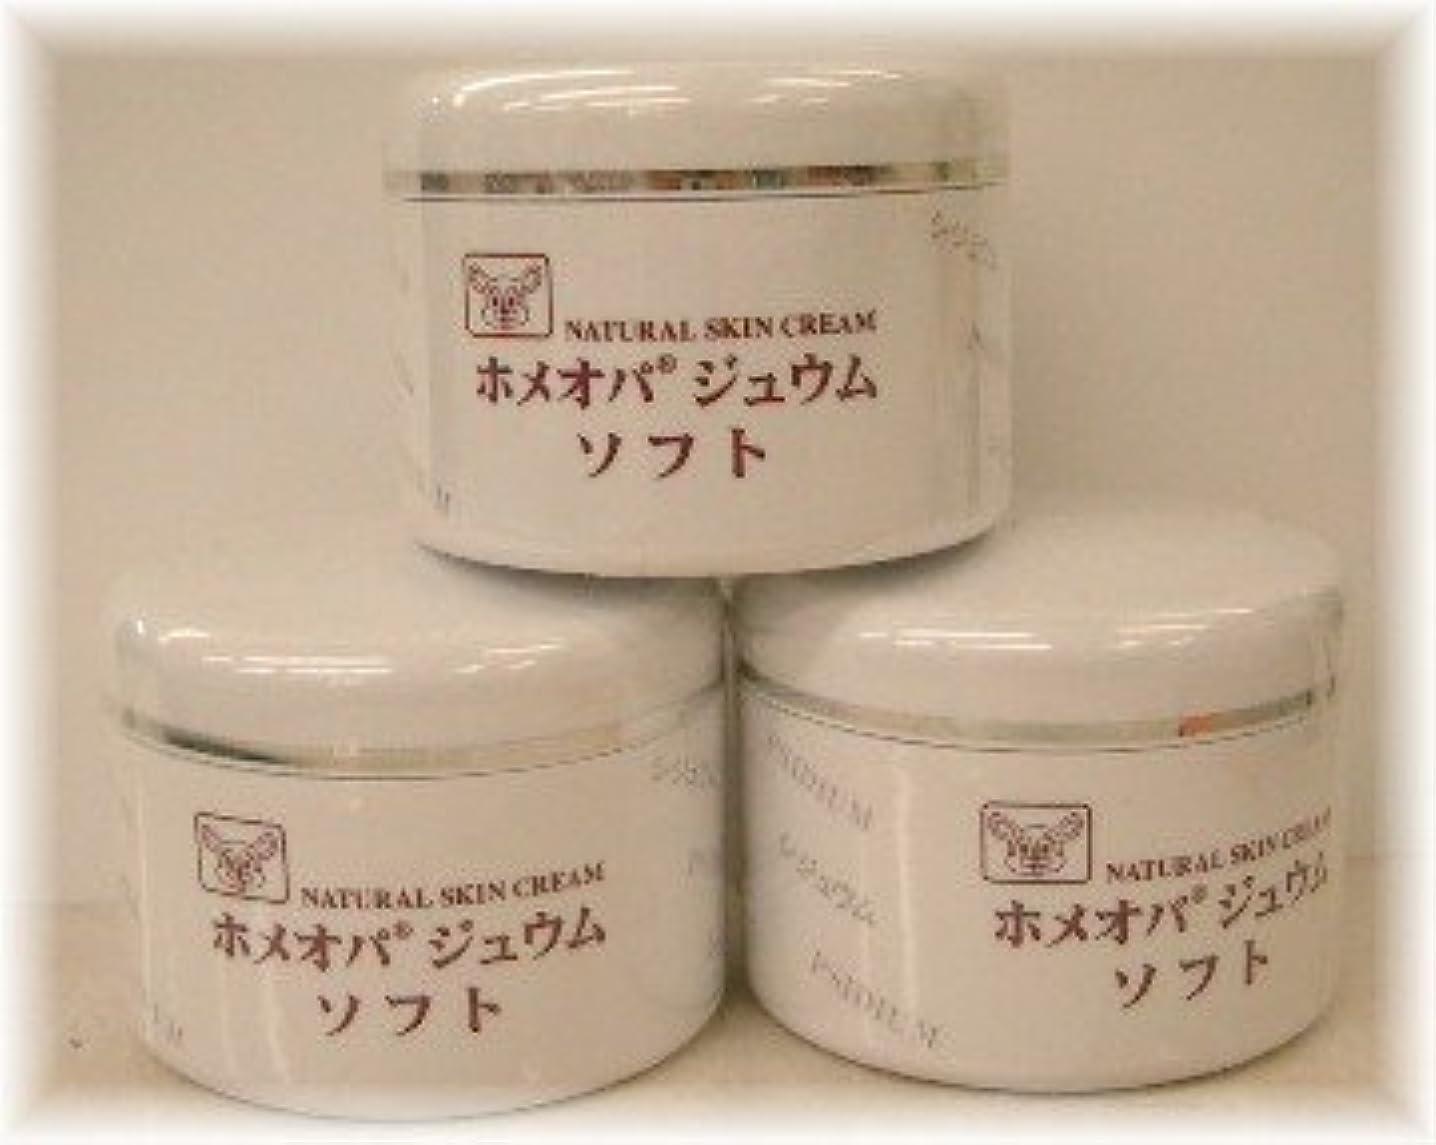 パーフェルビッド制限ペナルティホメオパジュウム スキンケア商品3点¥10500クリームソフトx3個